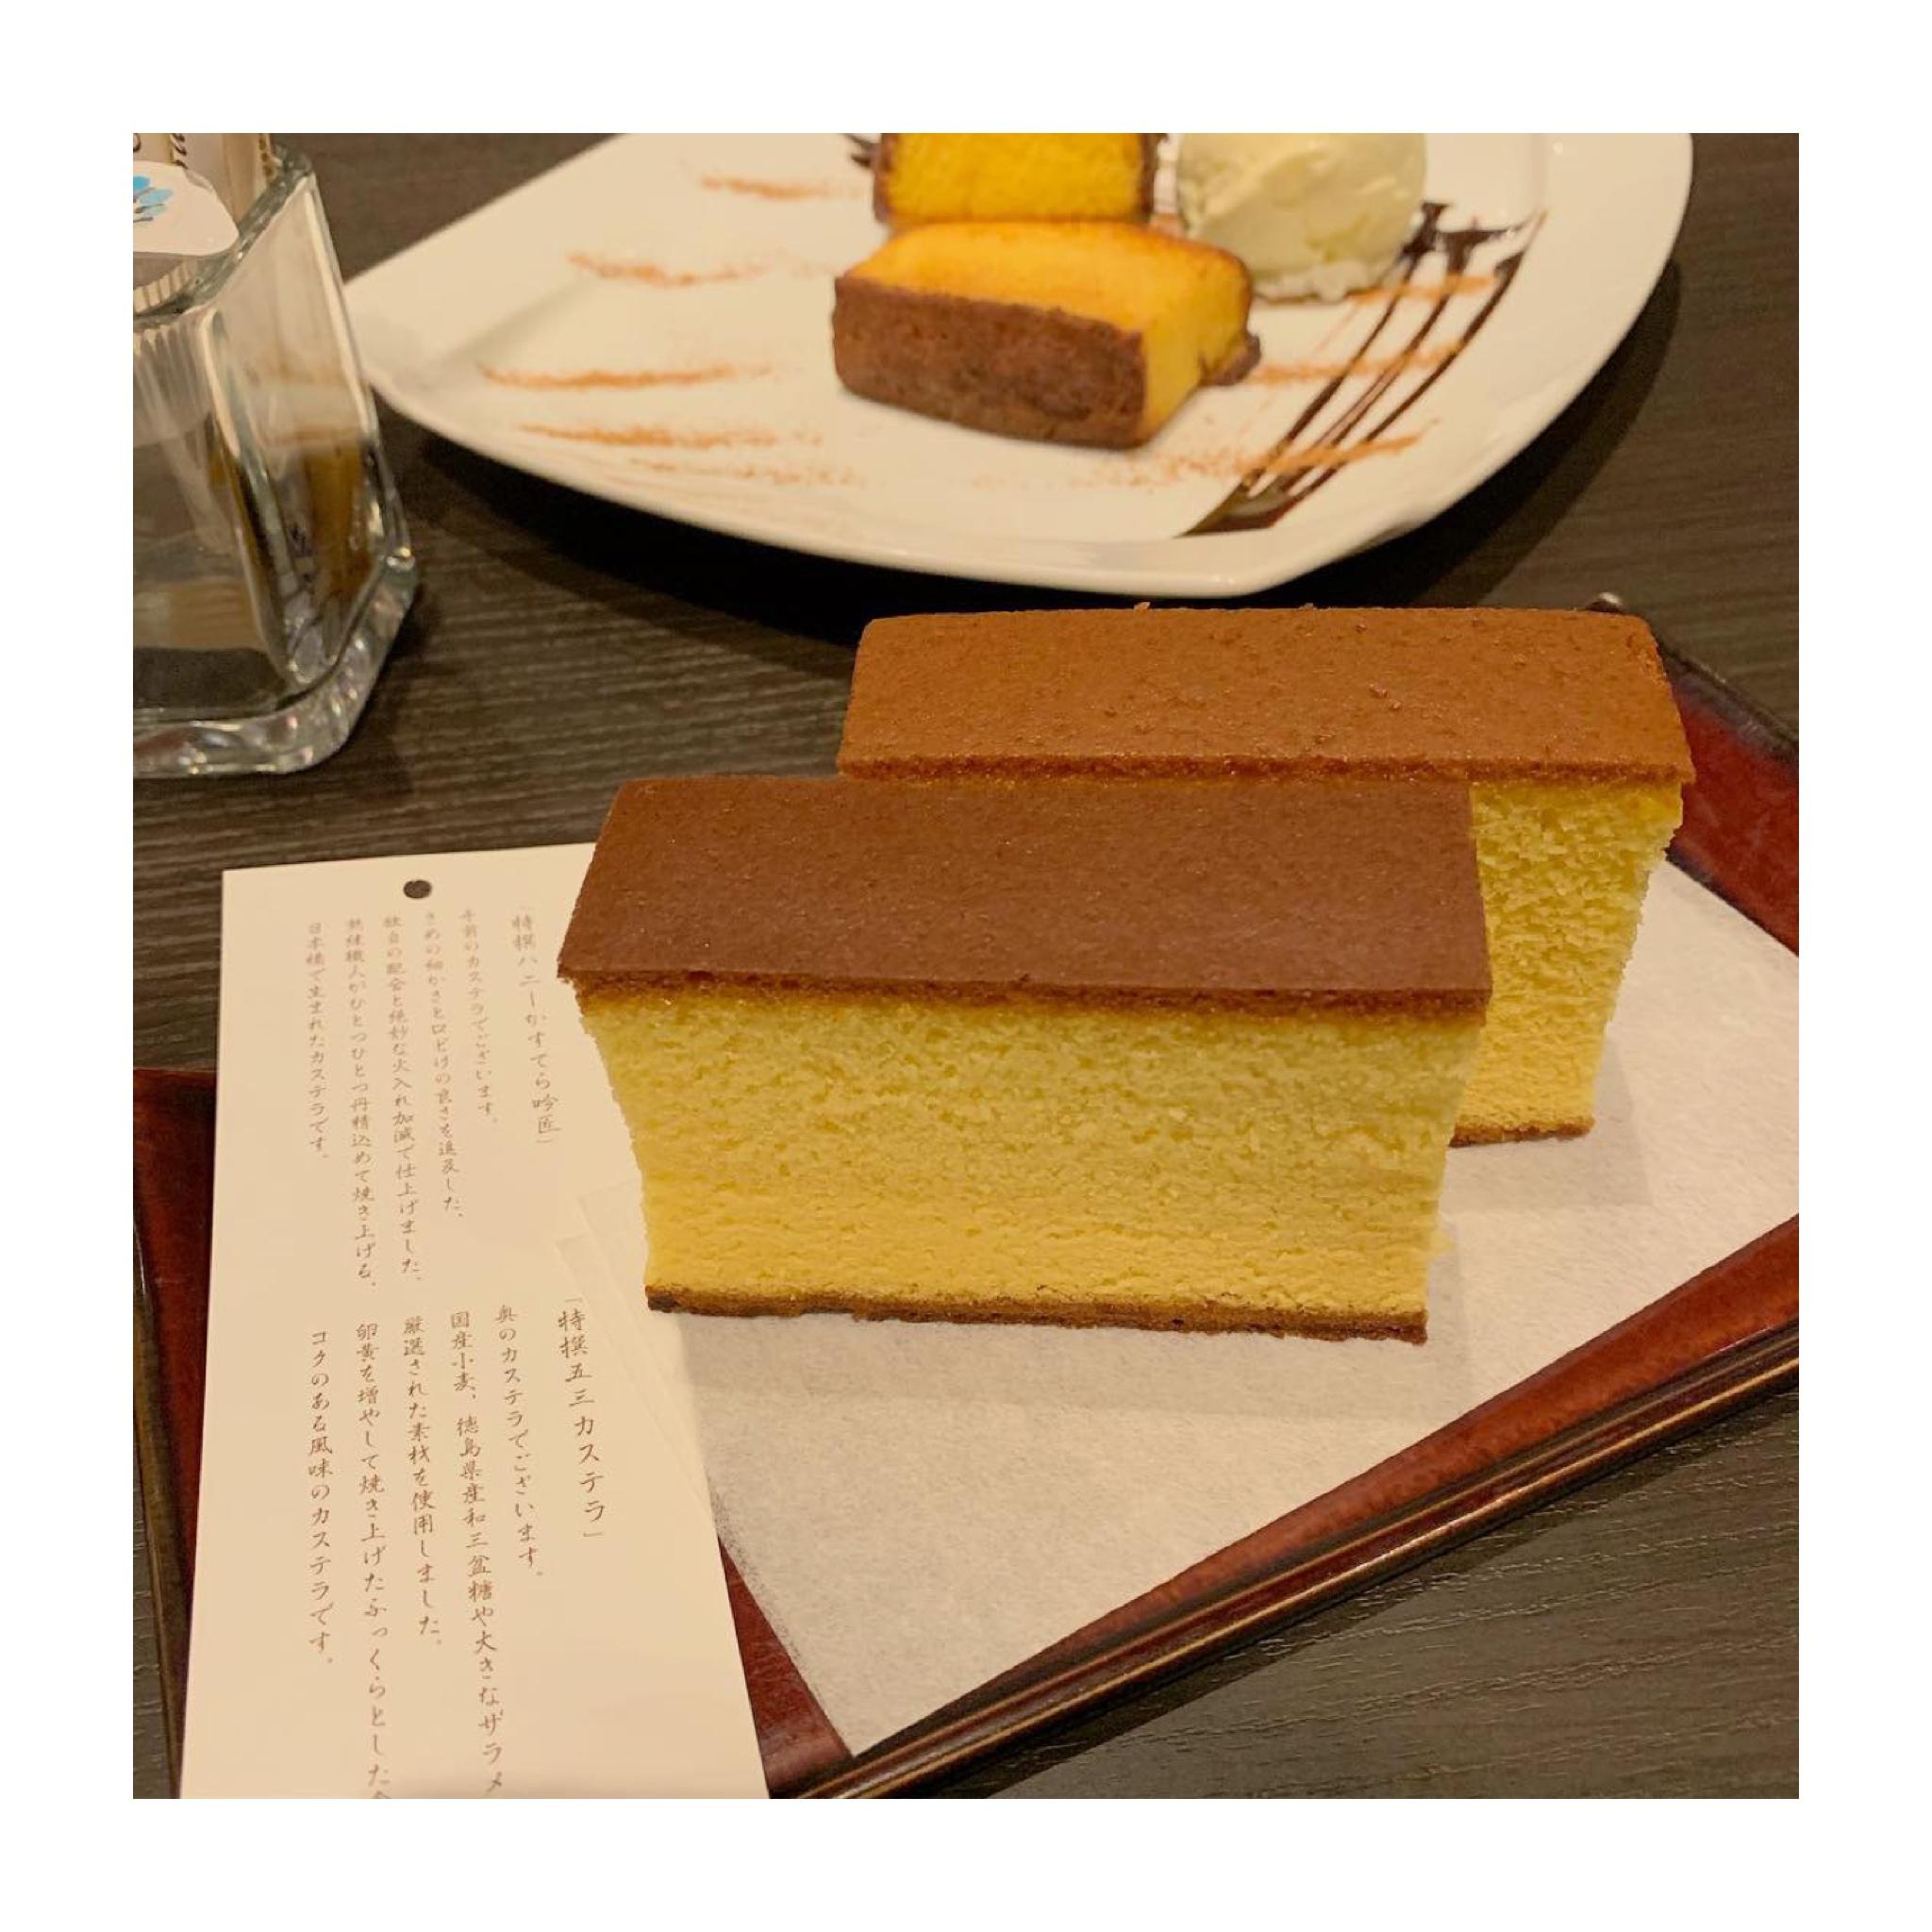 《ご当地MORE★東京》あのカステラで有名な【文明堂カフェ】のパンケーキが絶品なんです✌︎❤️_3